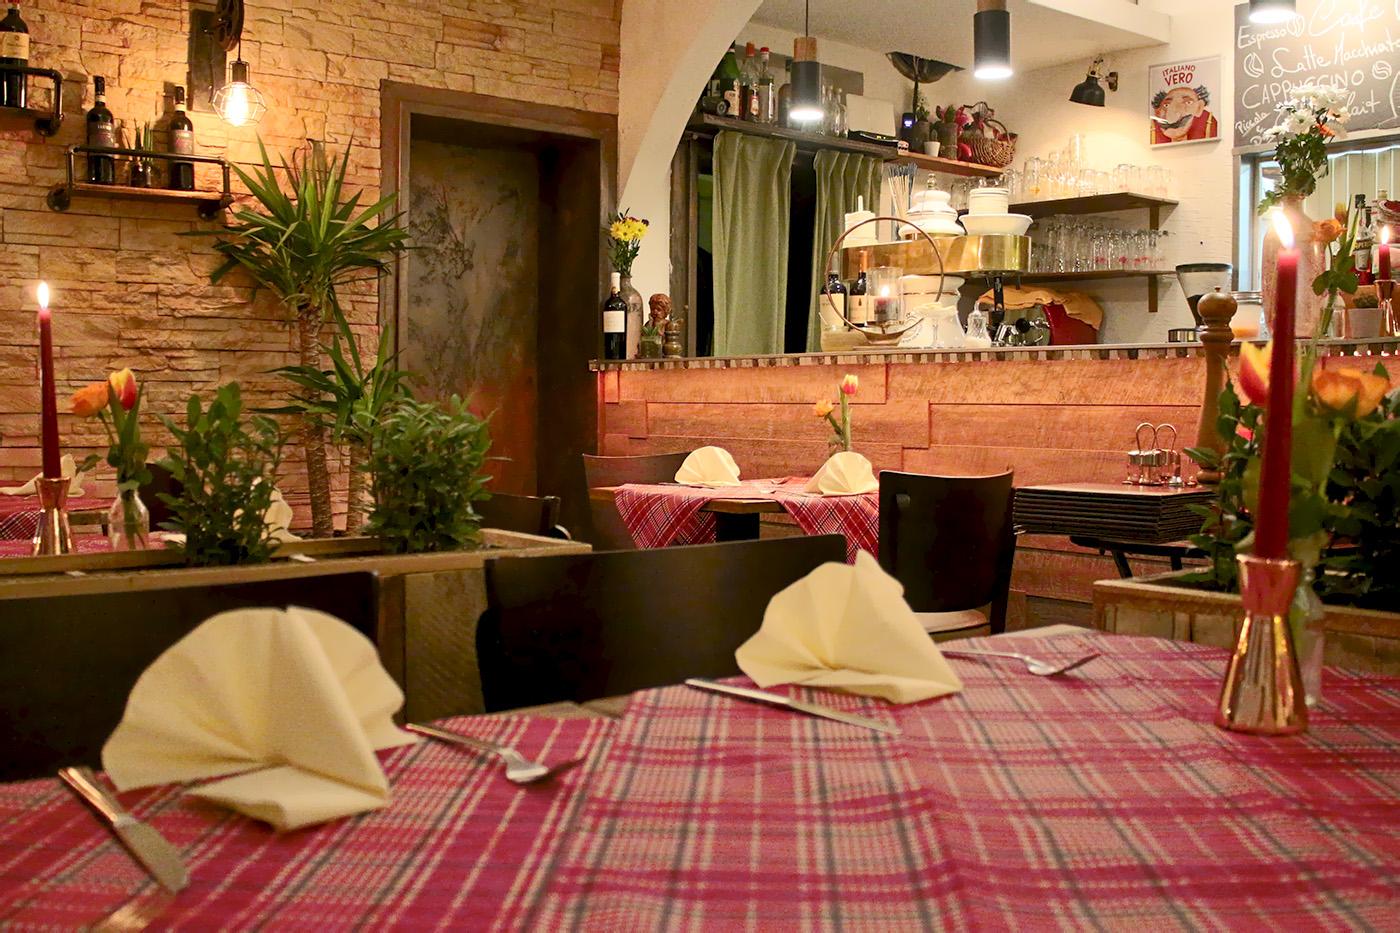 Restaurant Heuenstamm